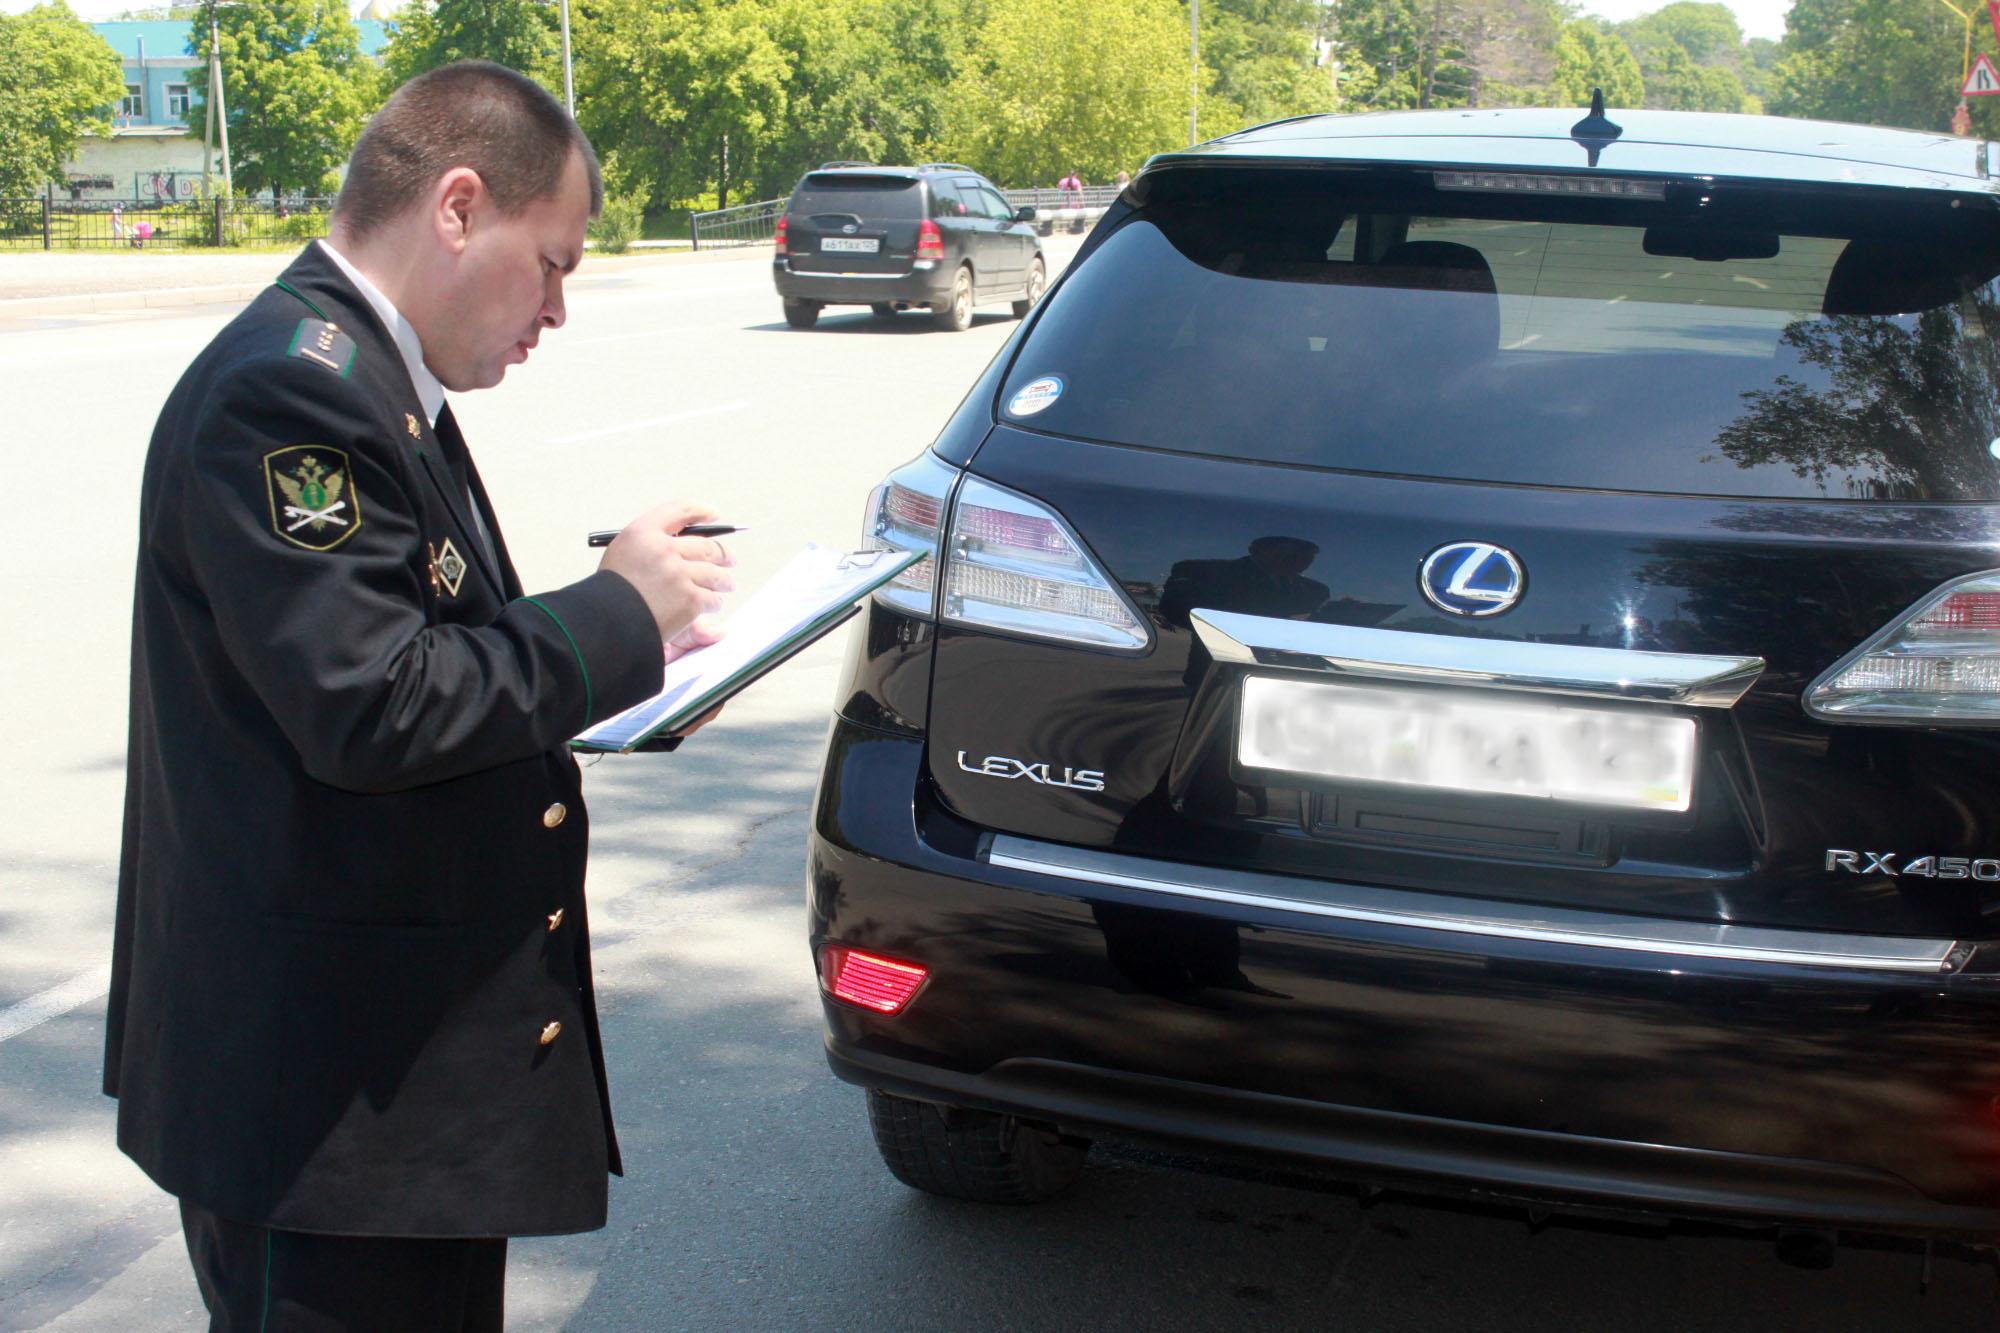 Гибдд арест автомобиля судебными приставами проверить